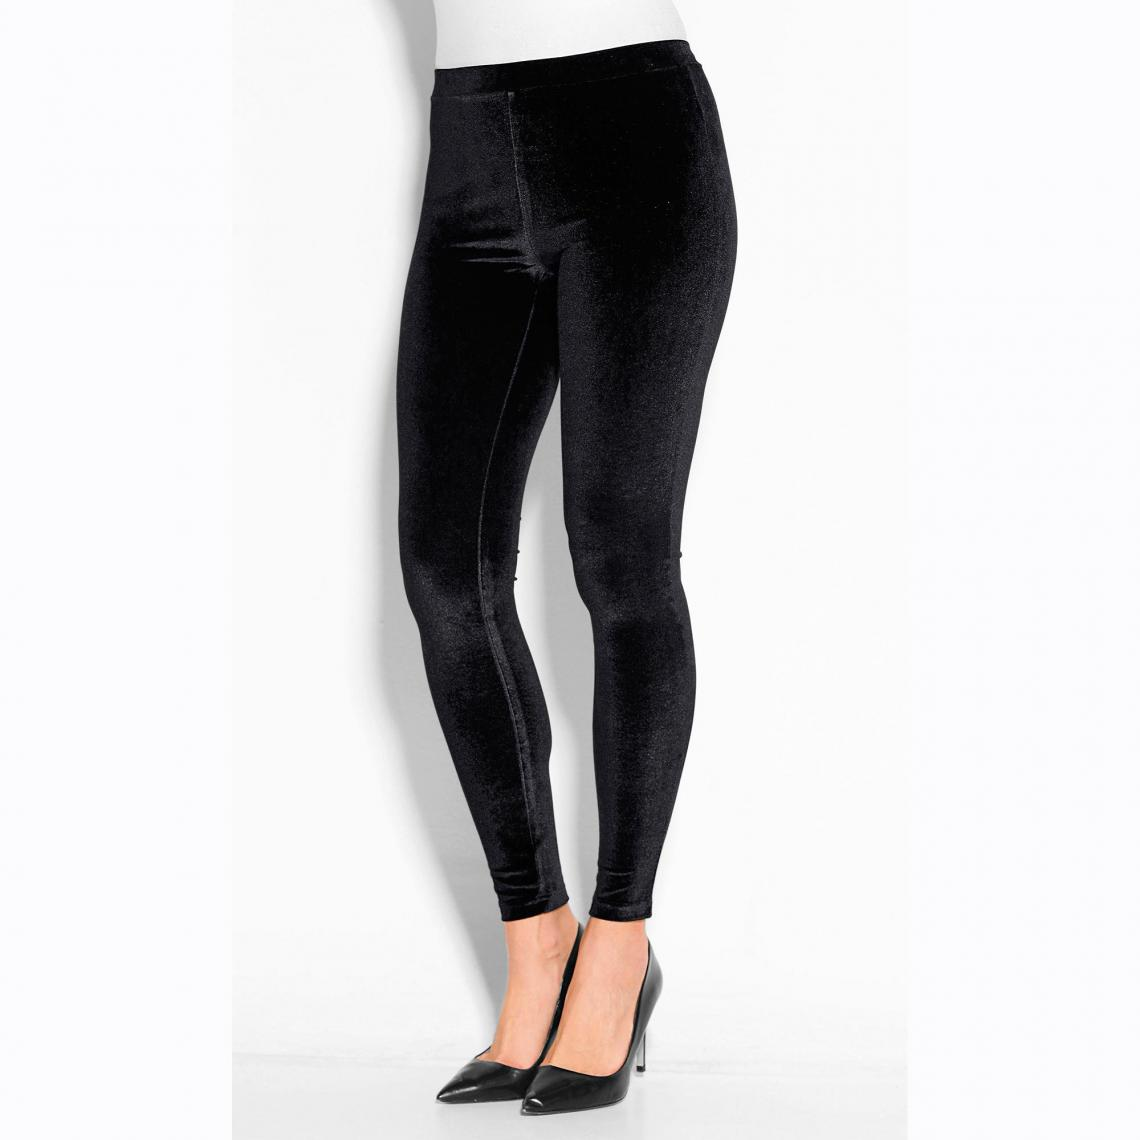 Tregging en velours uni taille élastique femme Noir 2 Avis Plus de détails